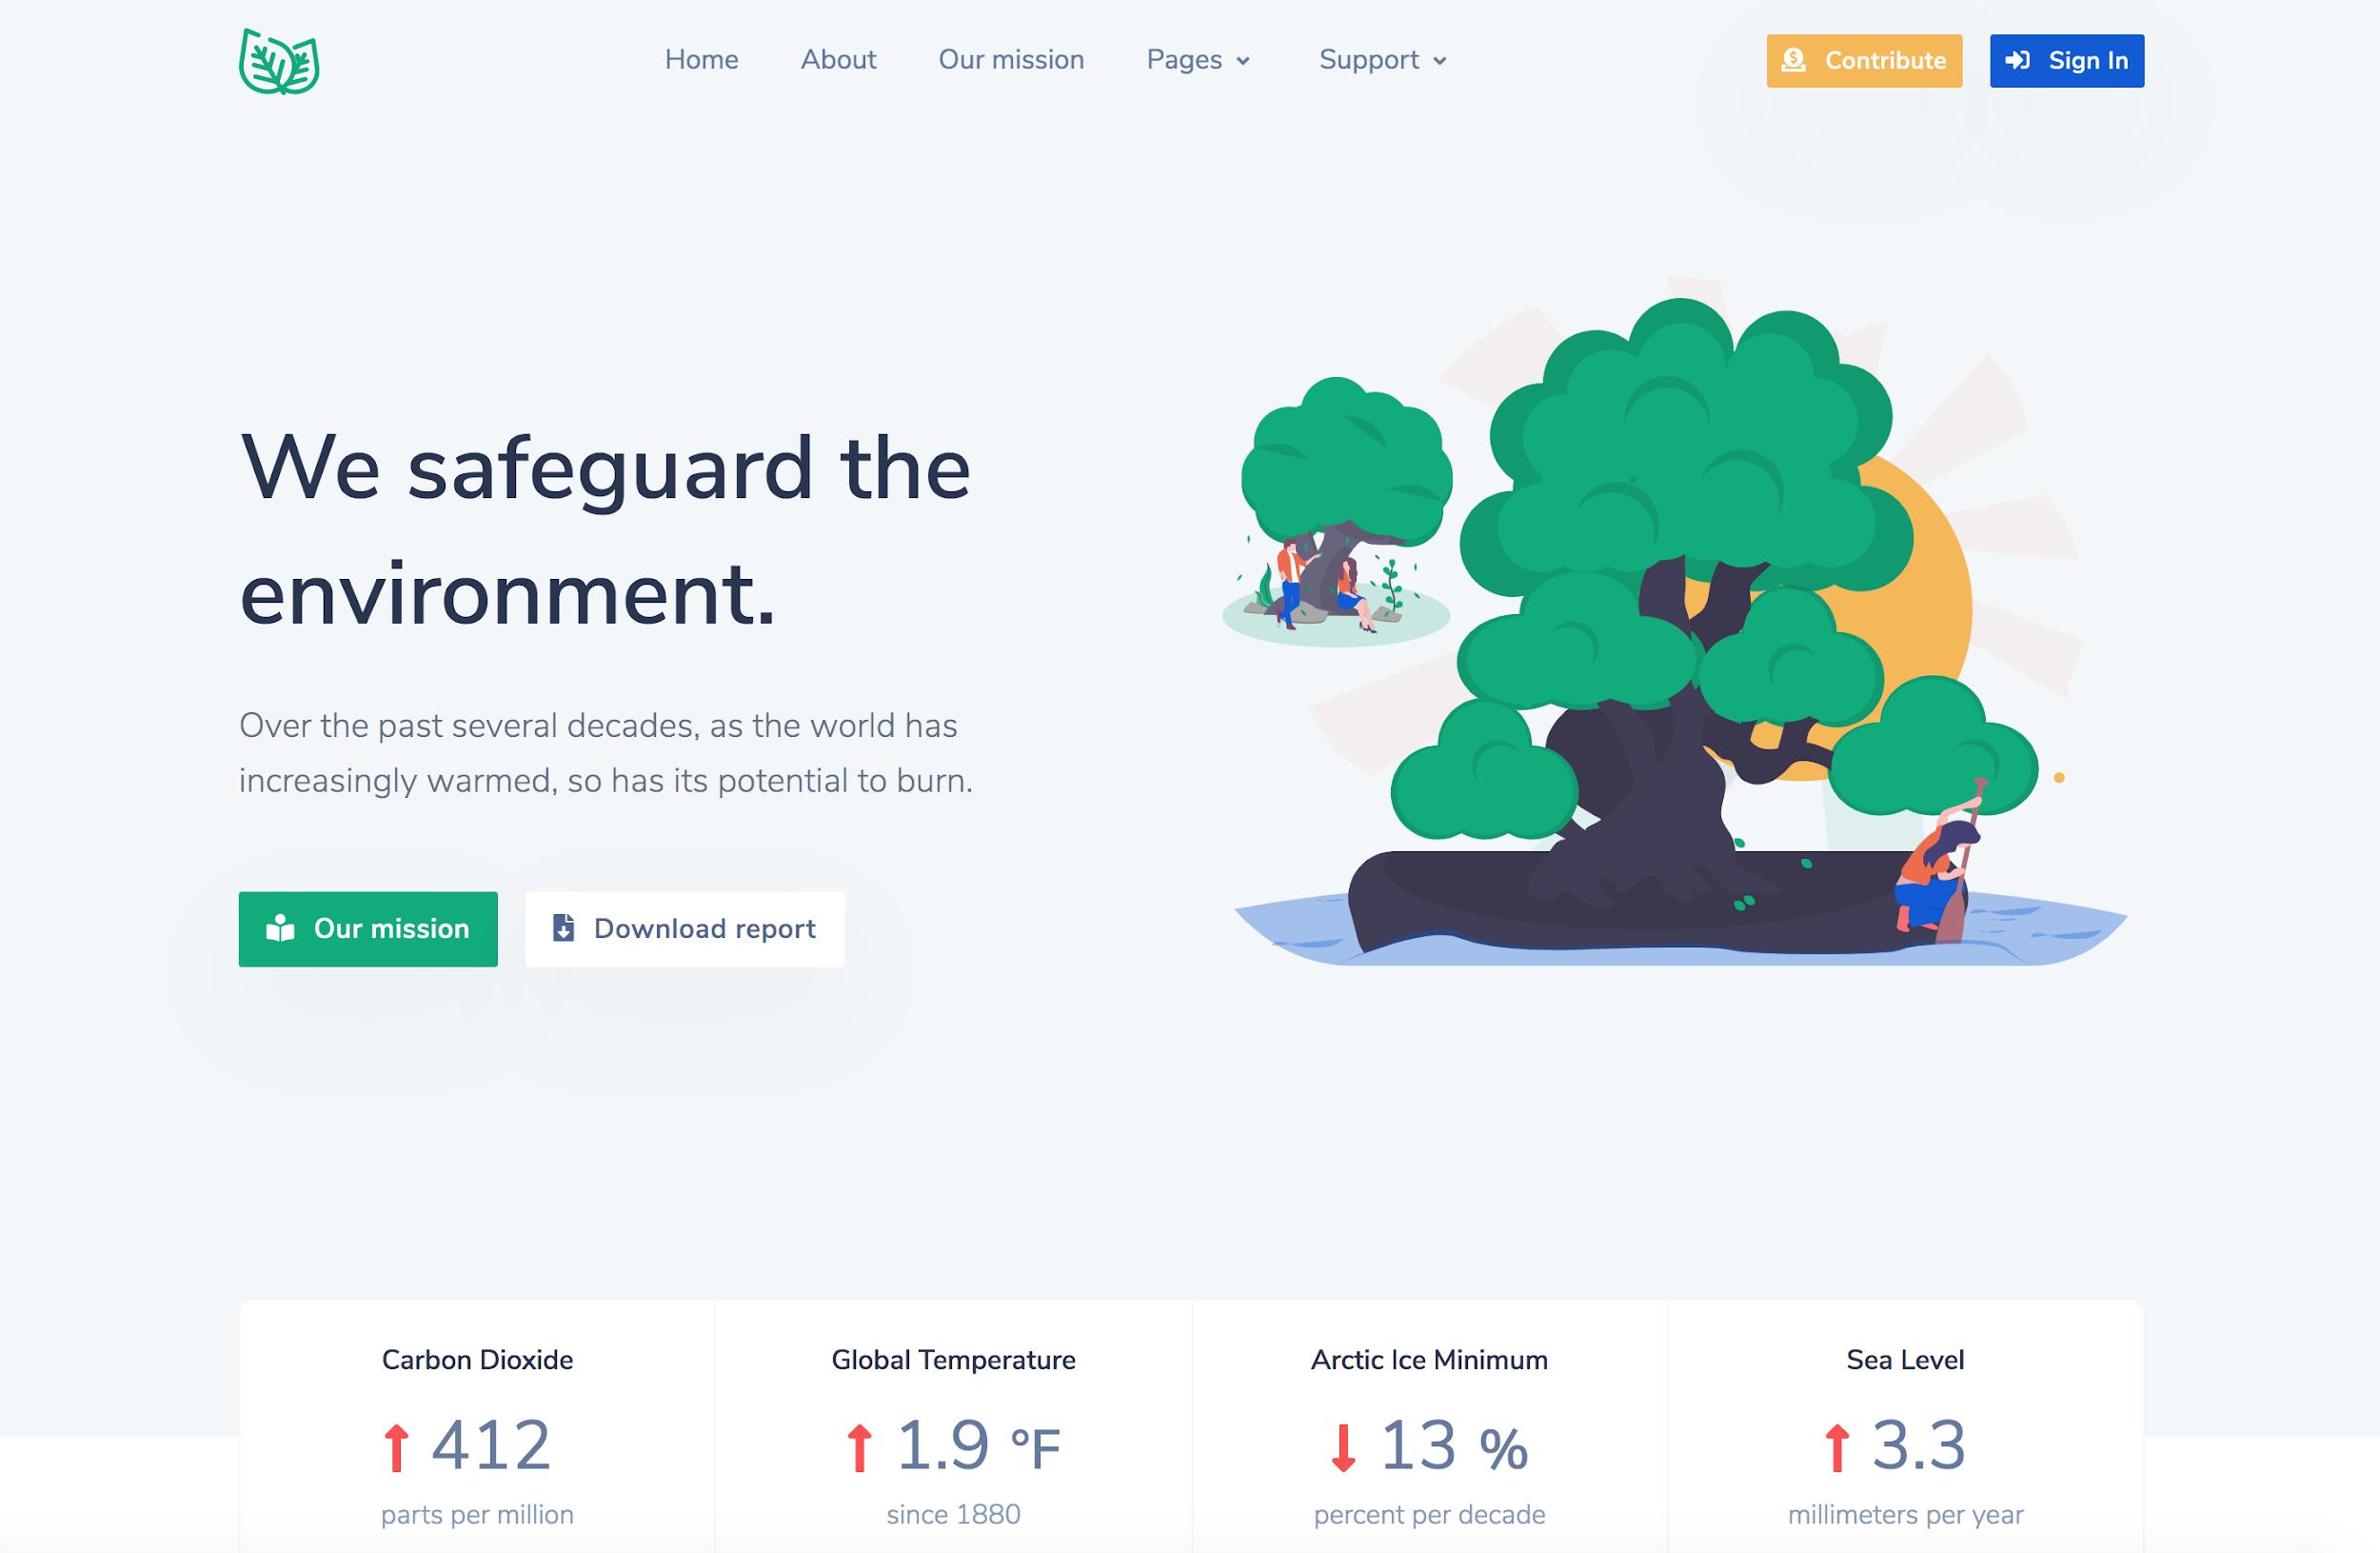 Clean web layout best practices